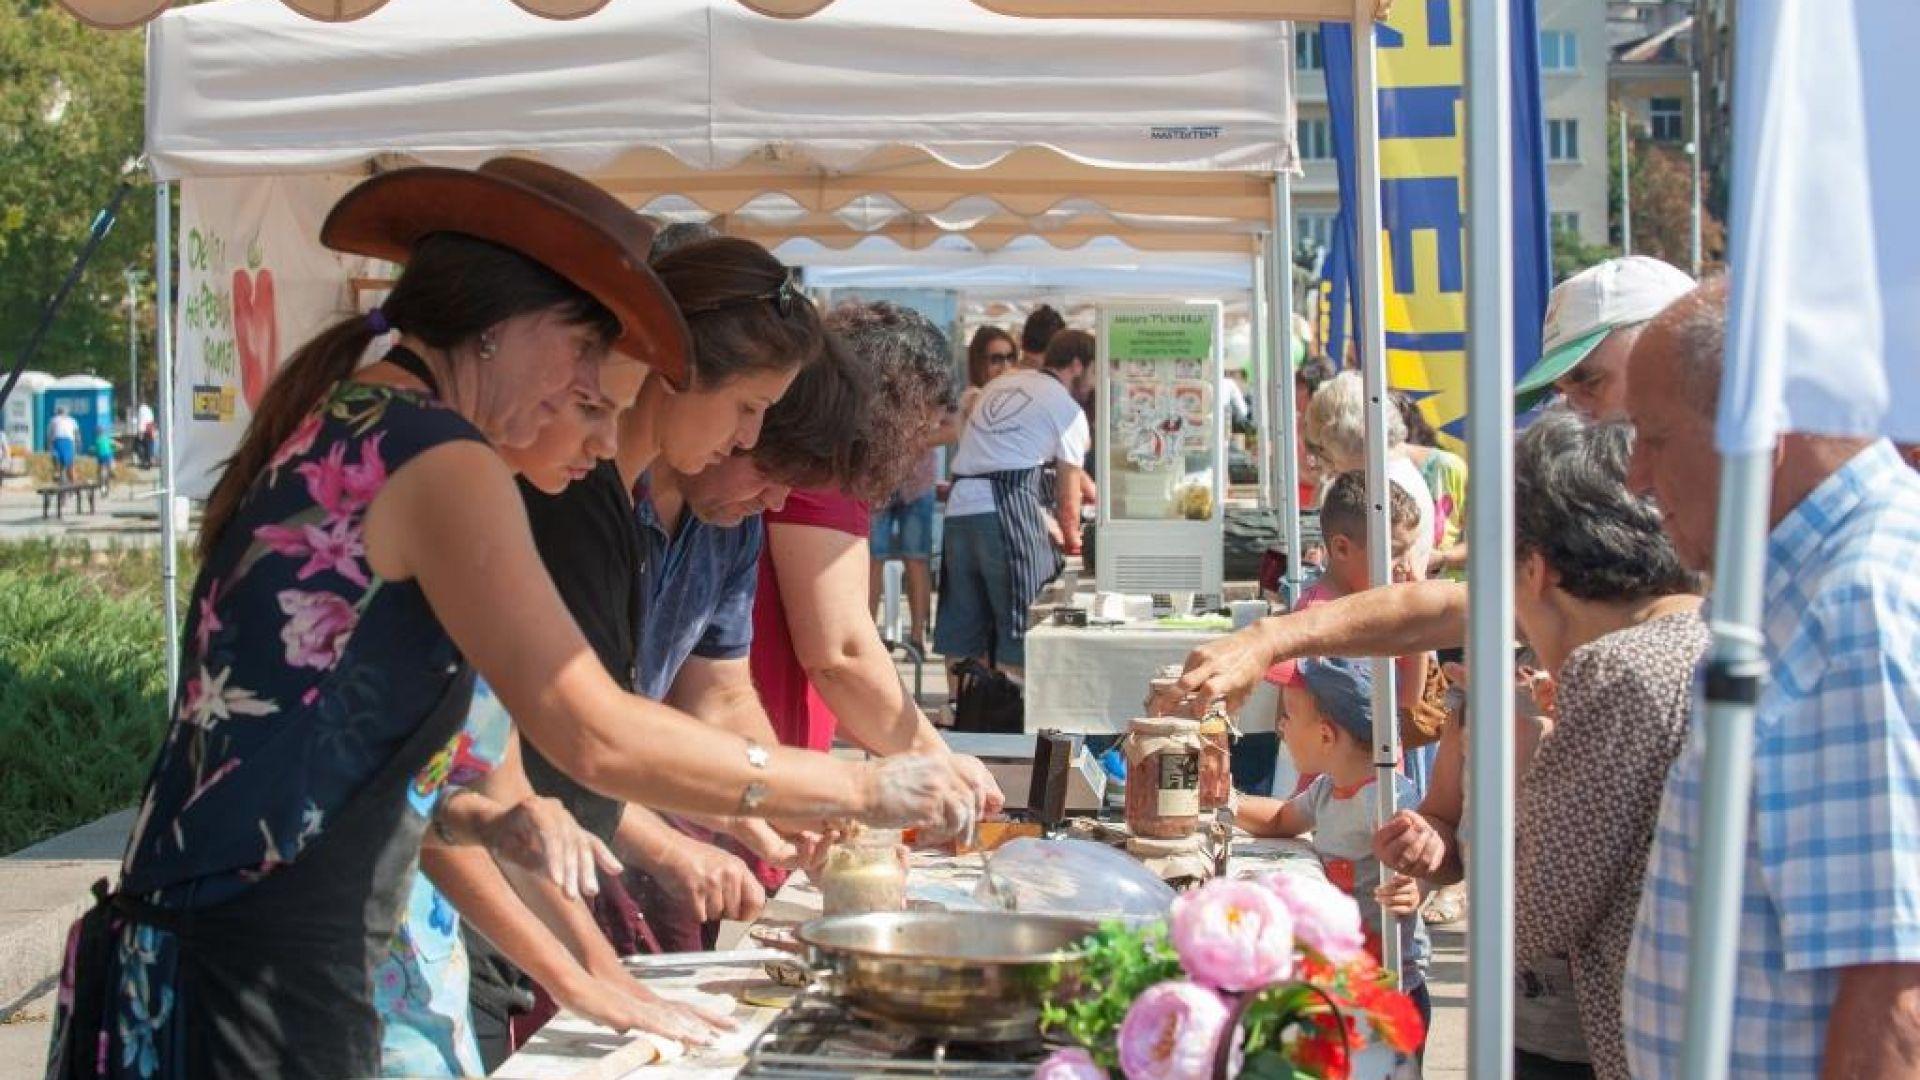 """Без сили остана и екипът на """"Дивата ферма"""", на чийто щанд Благовеста Василева предлагаше на гостите на фестивала току-що изпържени телешки гюзлеми и специални колбаси и консерви приготвени от биосертифицирано месо."""